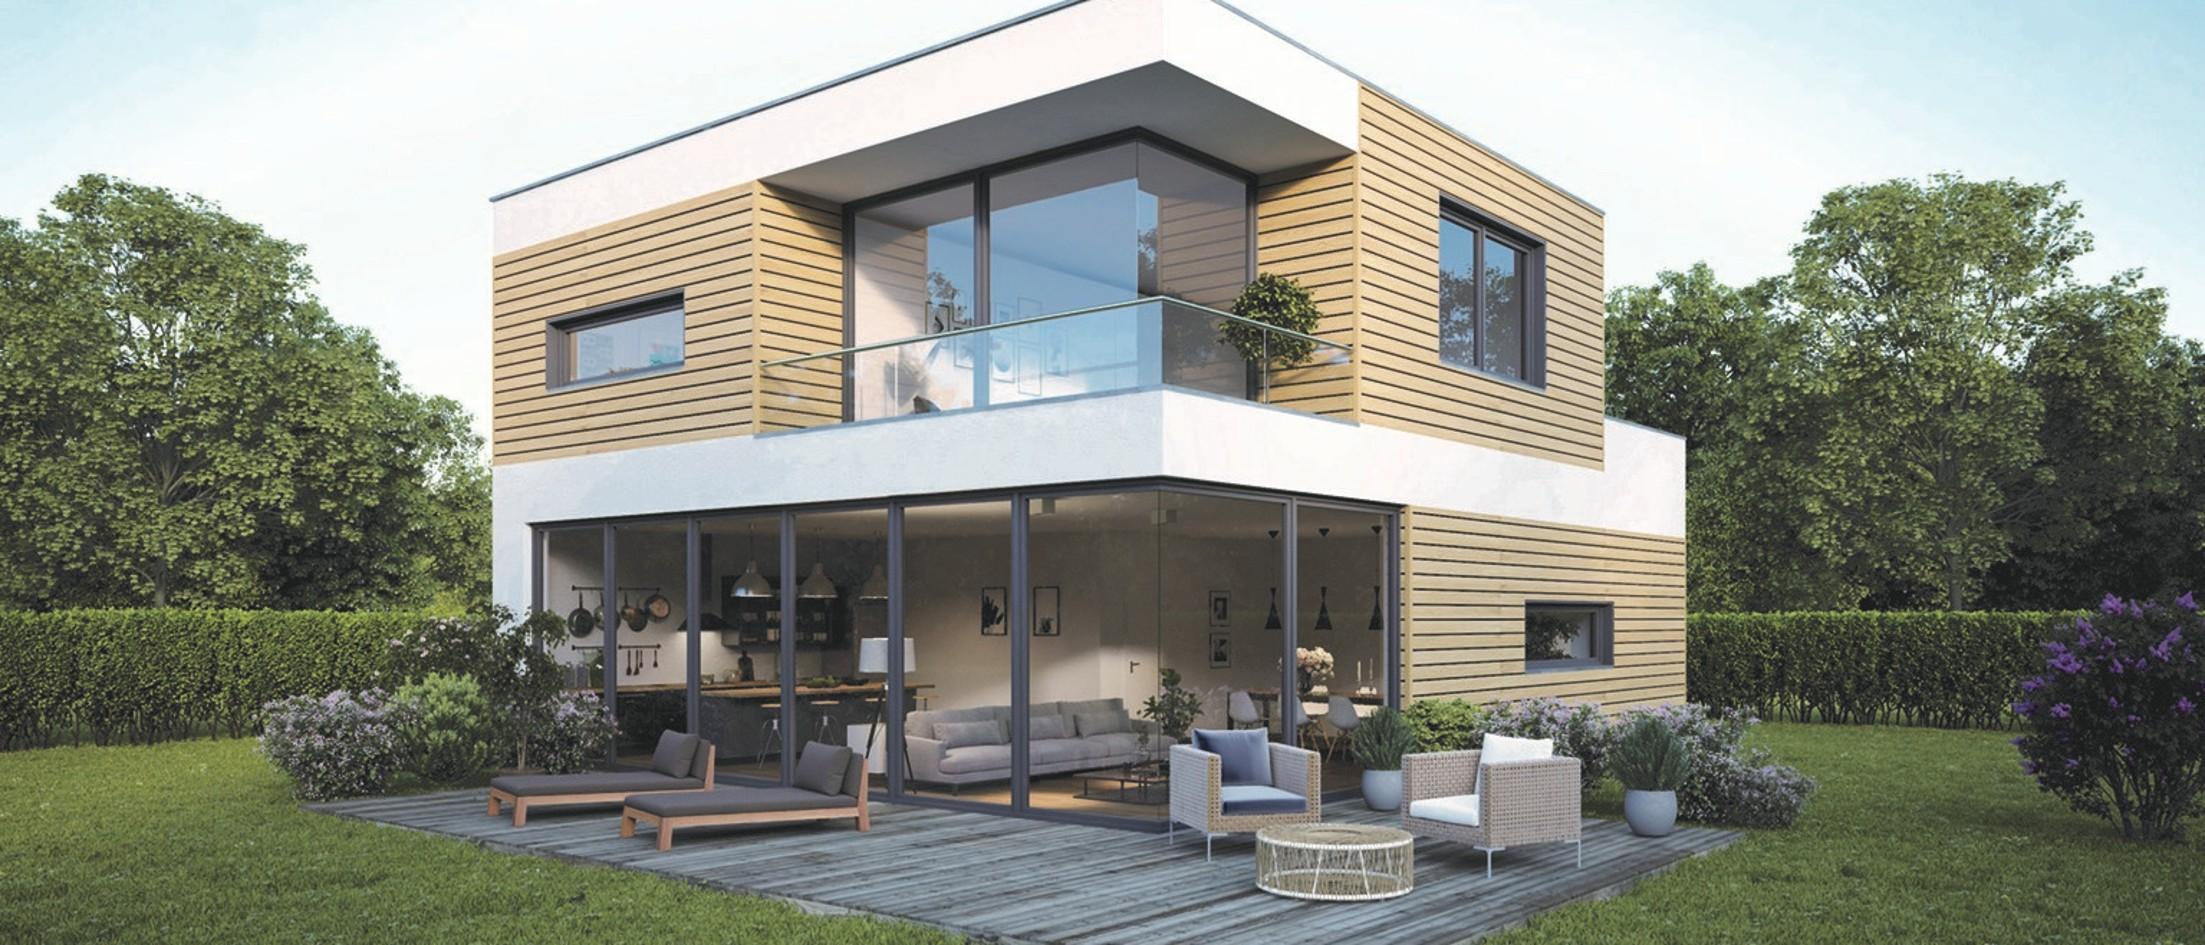 House with PVC facade